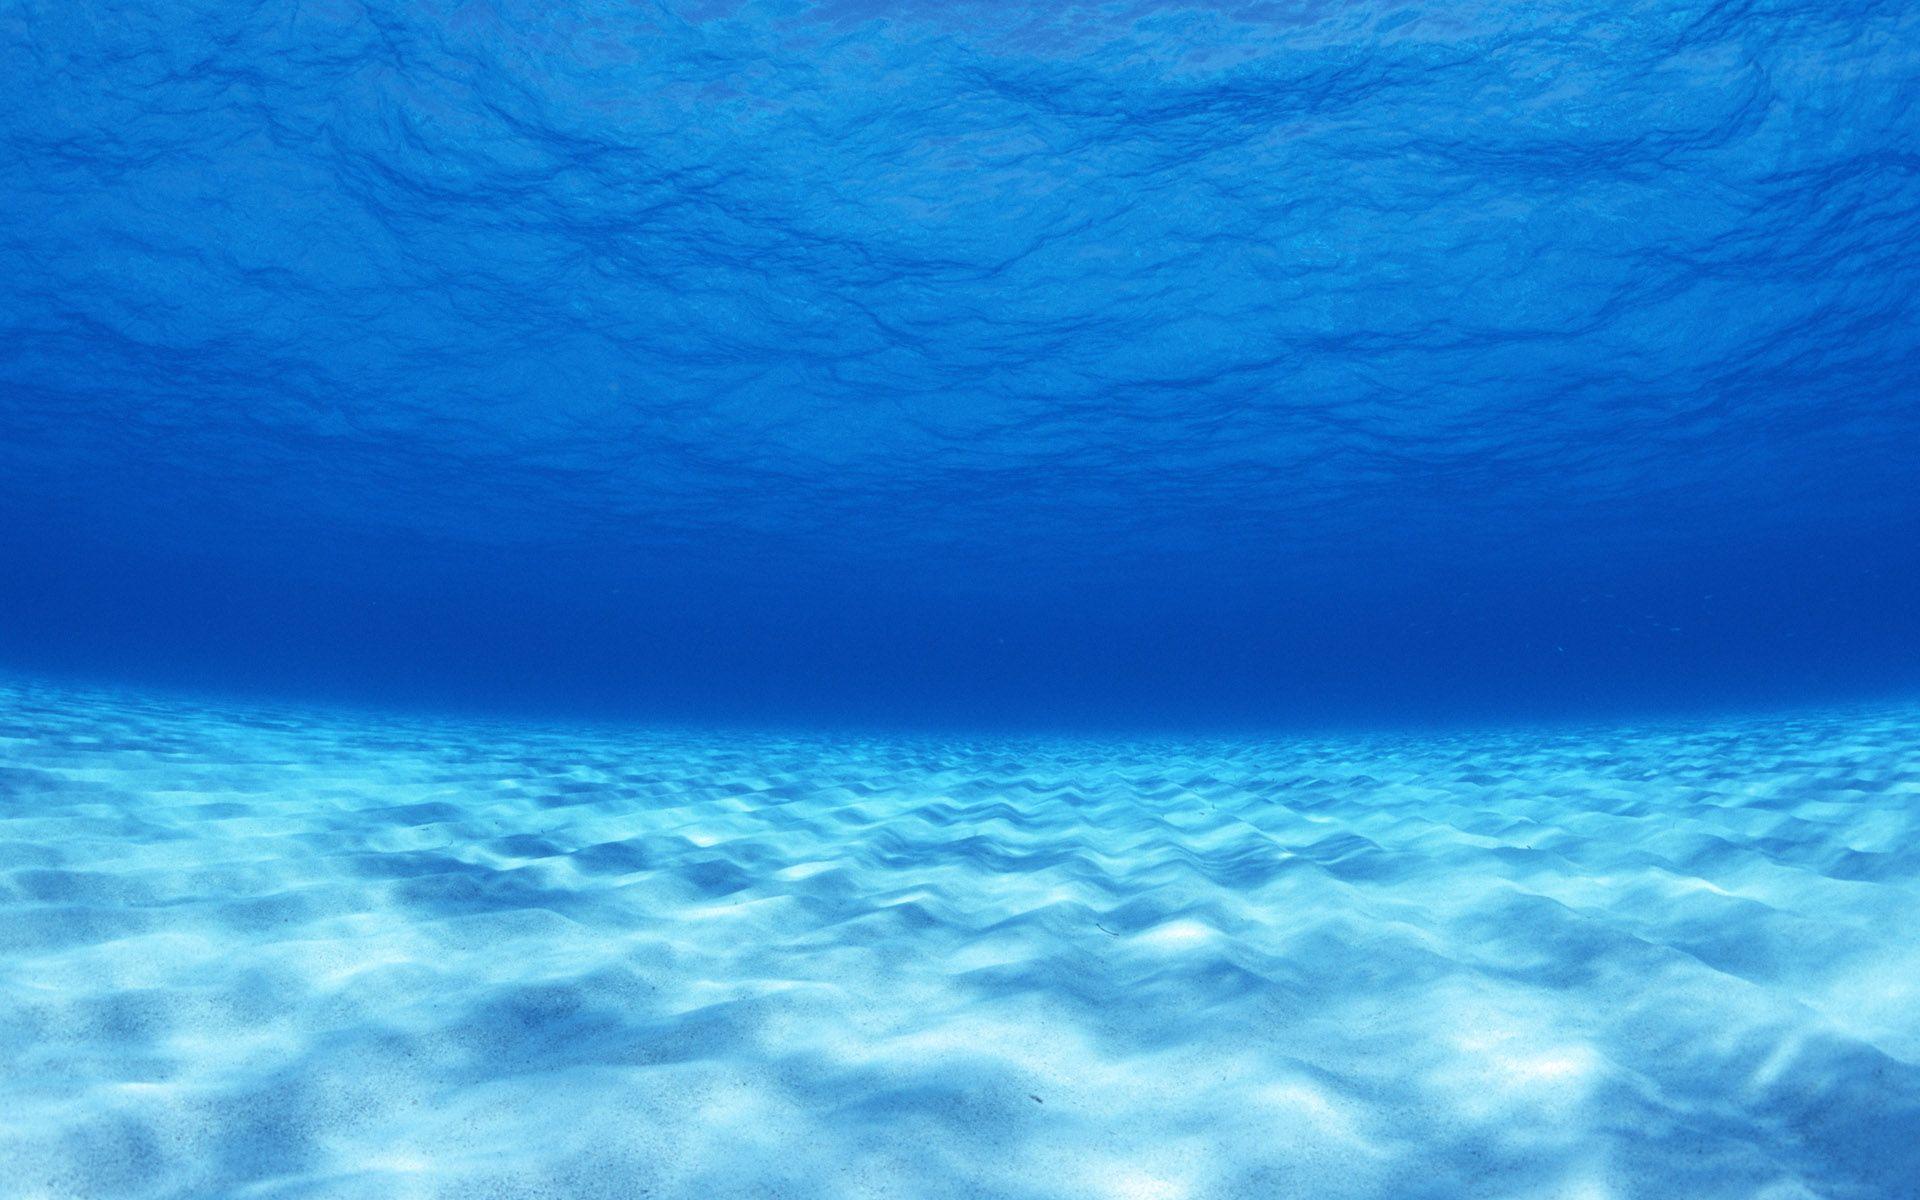 4K Ultra HD Underwater Wallpapers - Top Free 4K Ultra HD ...